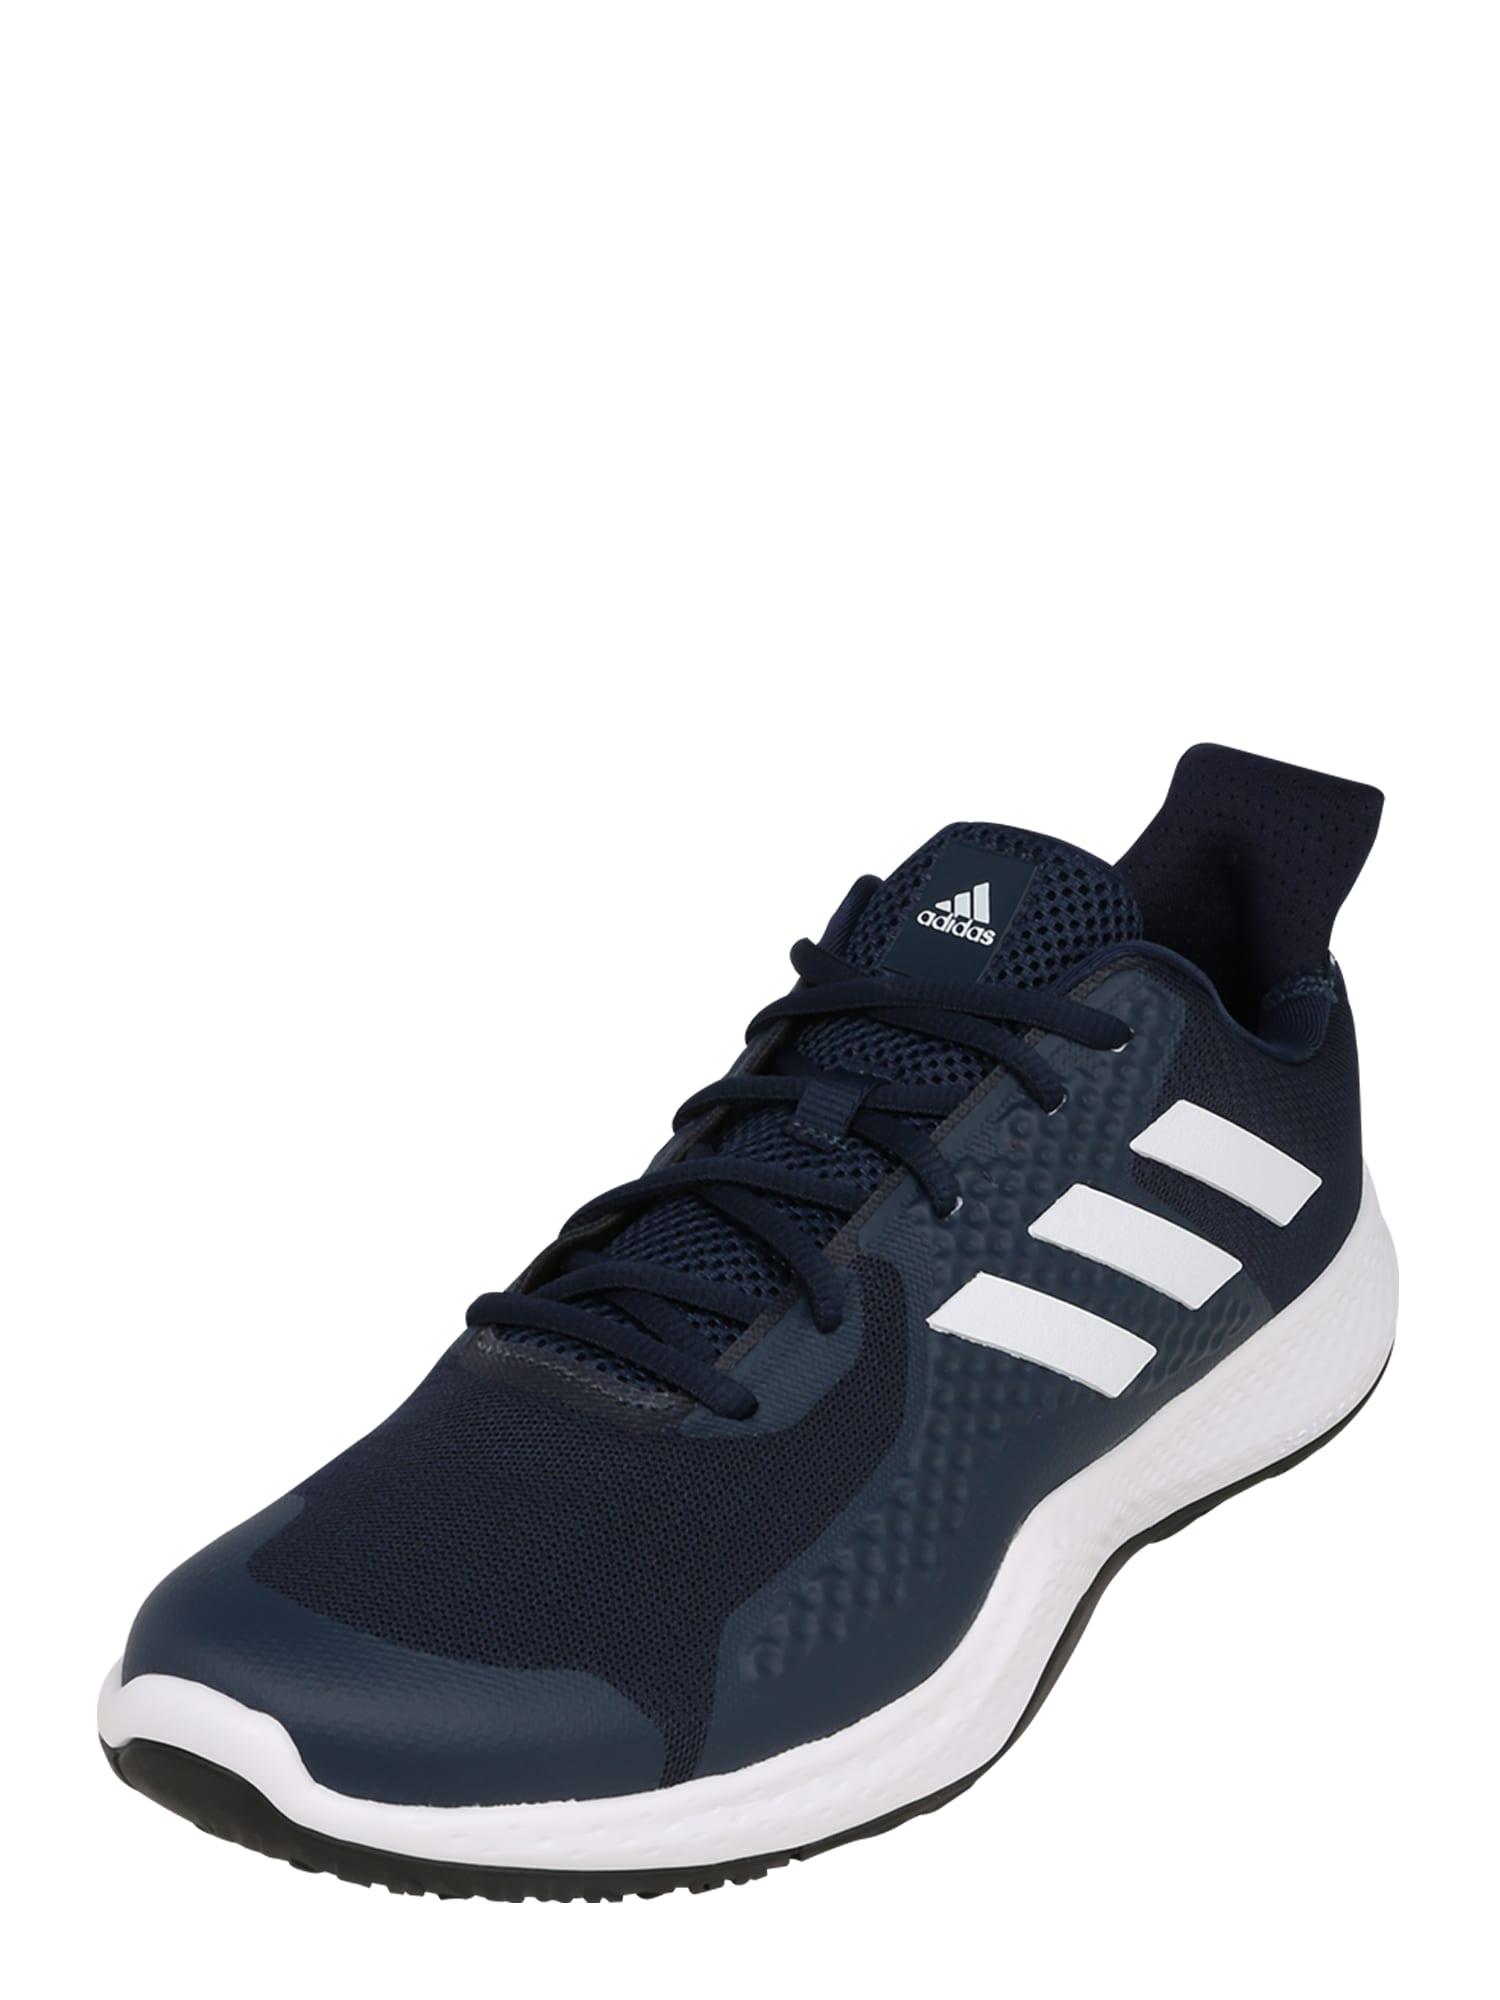 ADIDAS PERFORMANCE Sportovní boty 'FitBounce Trainer'  tmavě modrá / bílá